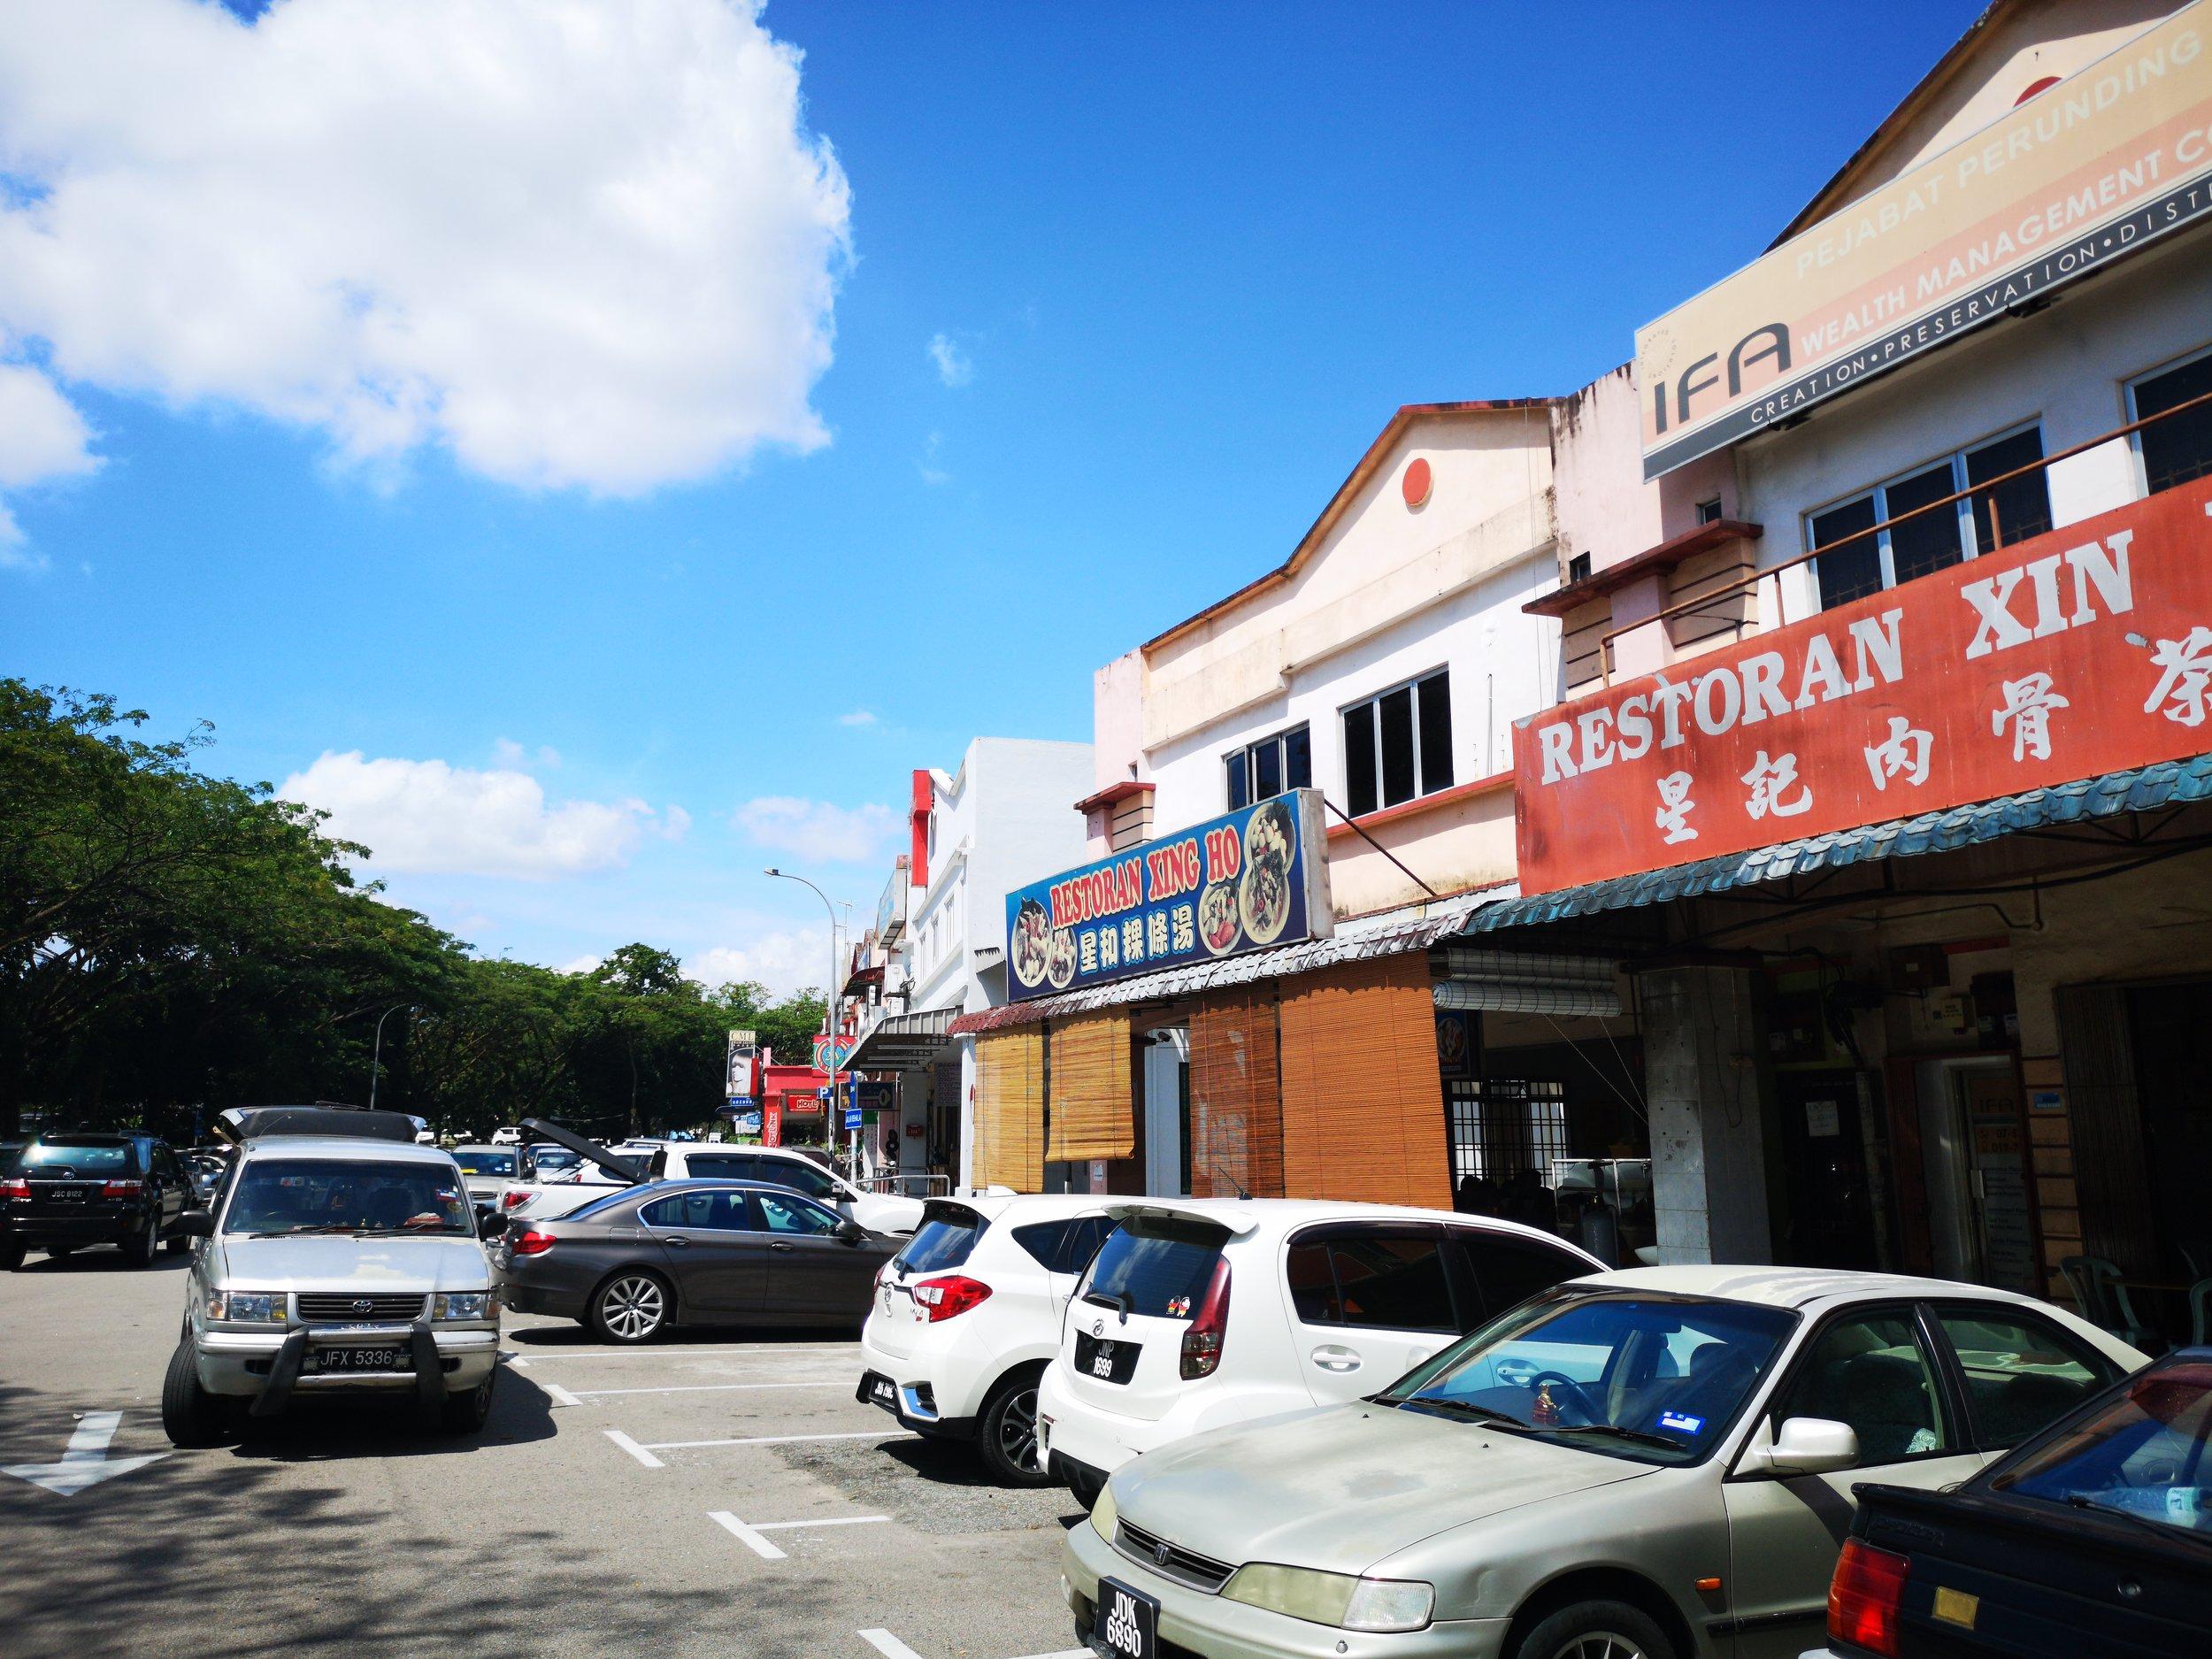 Restoran Xing Ho Gelang Patah